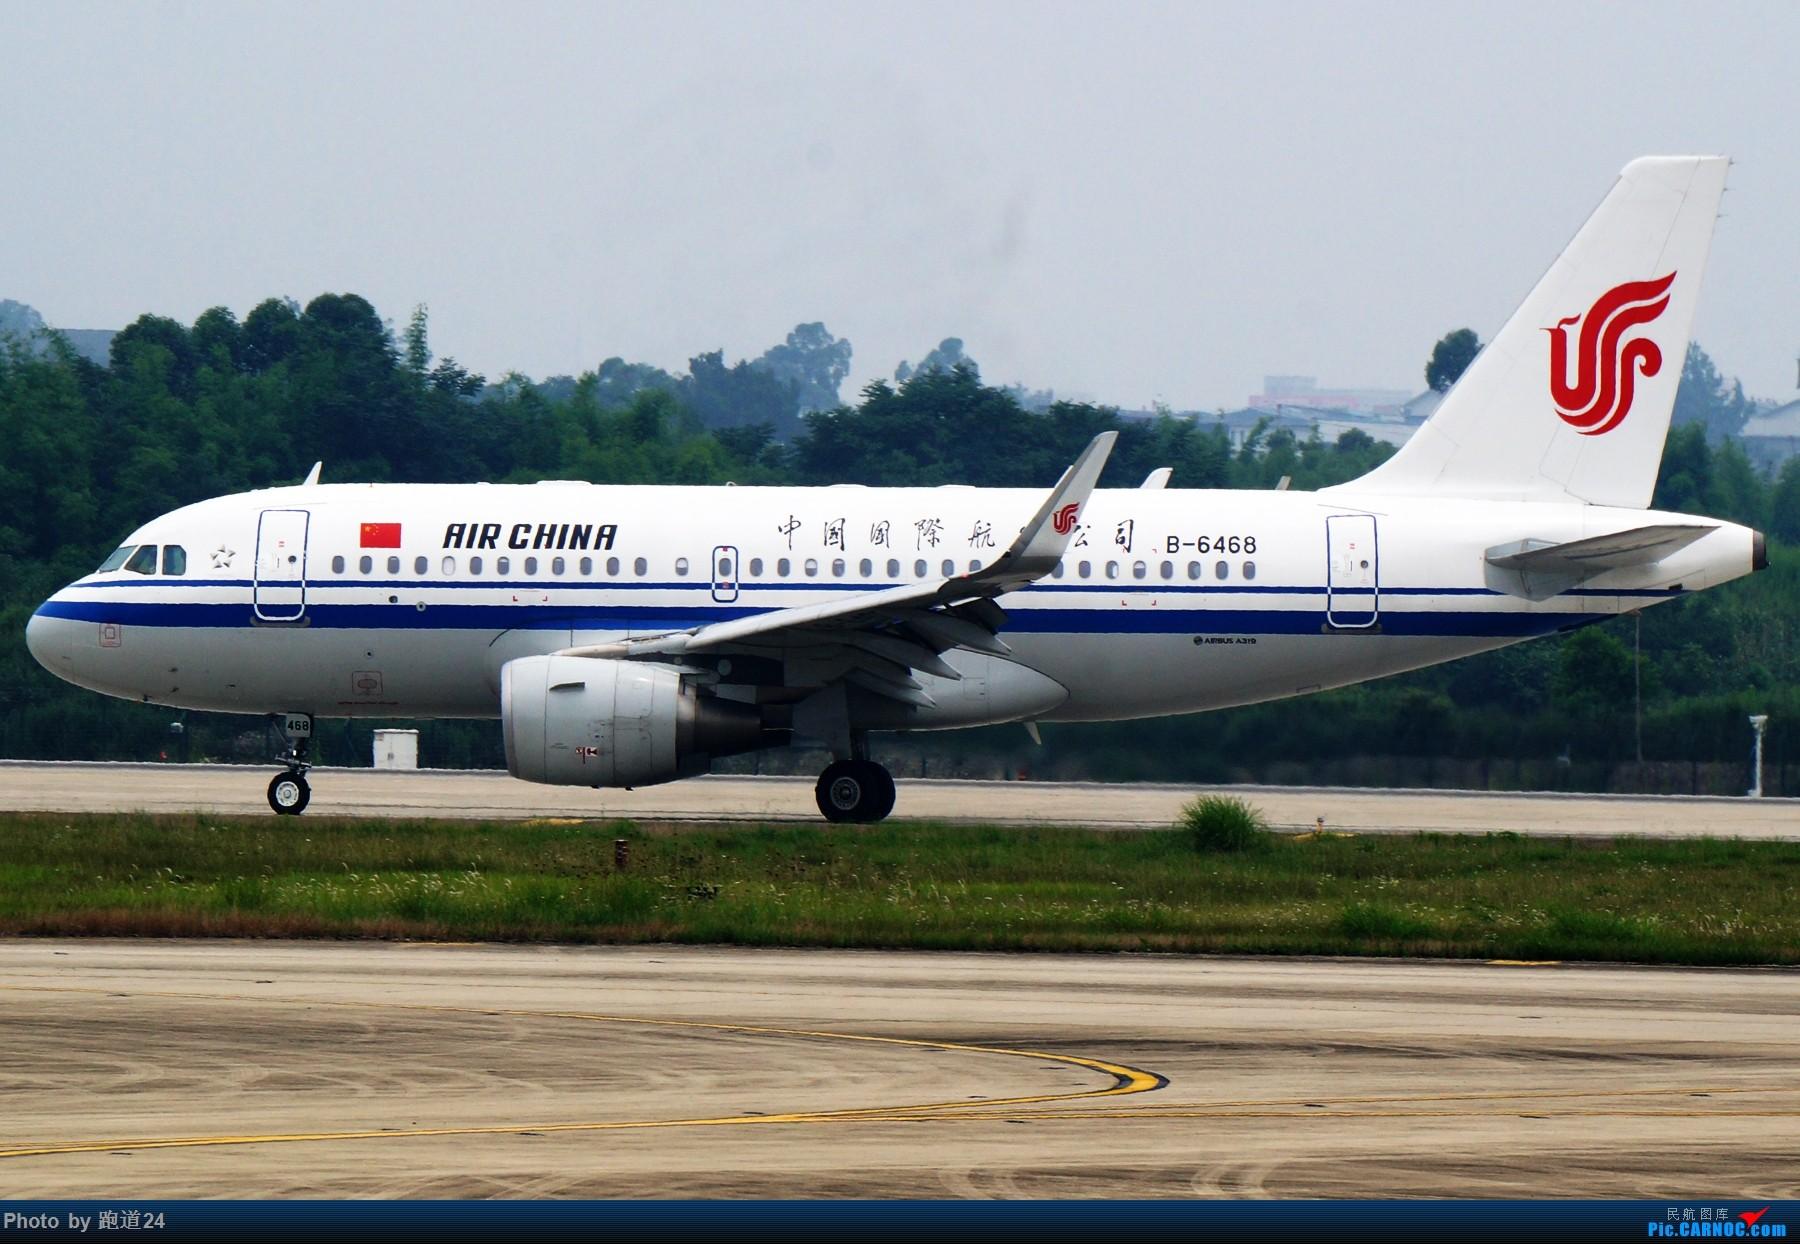 [原创]【一图党】B-6468 1800*1200 AIRBUS A319-115 B-6468 中国成都双流国际机场